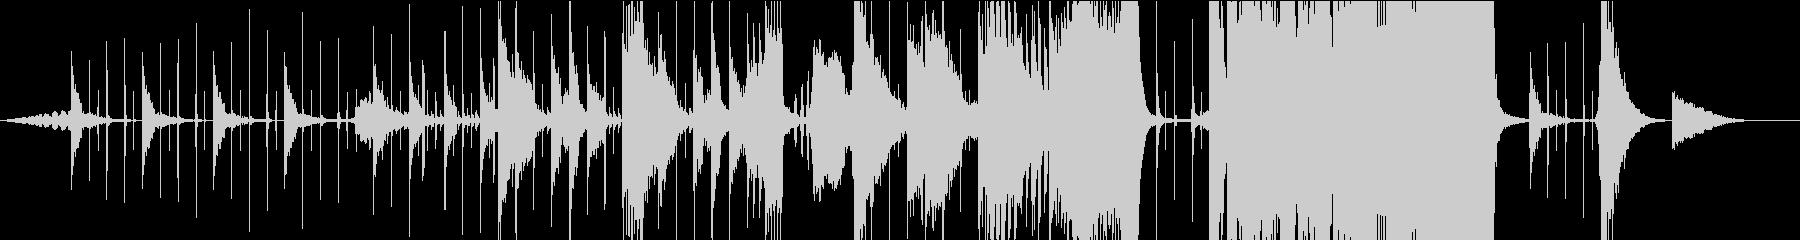 電気音響シンフォニー 実験的 積極...の未再生の波形